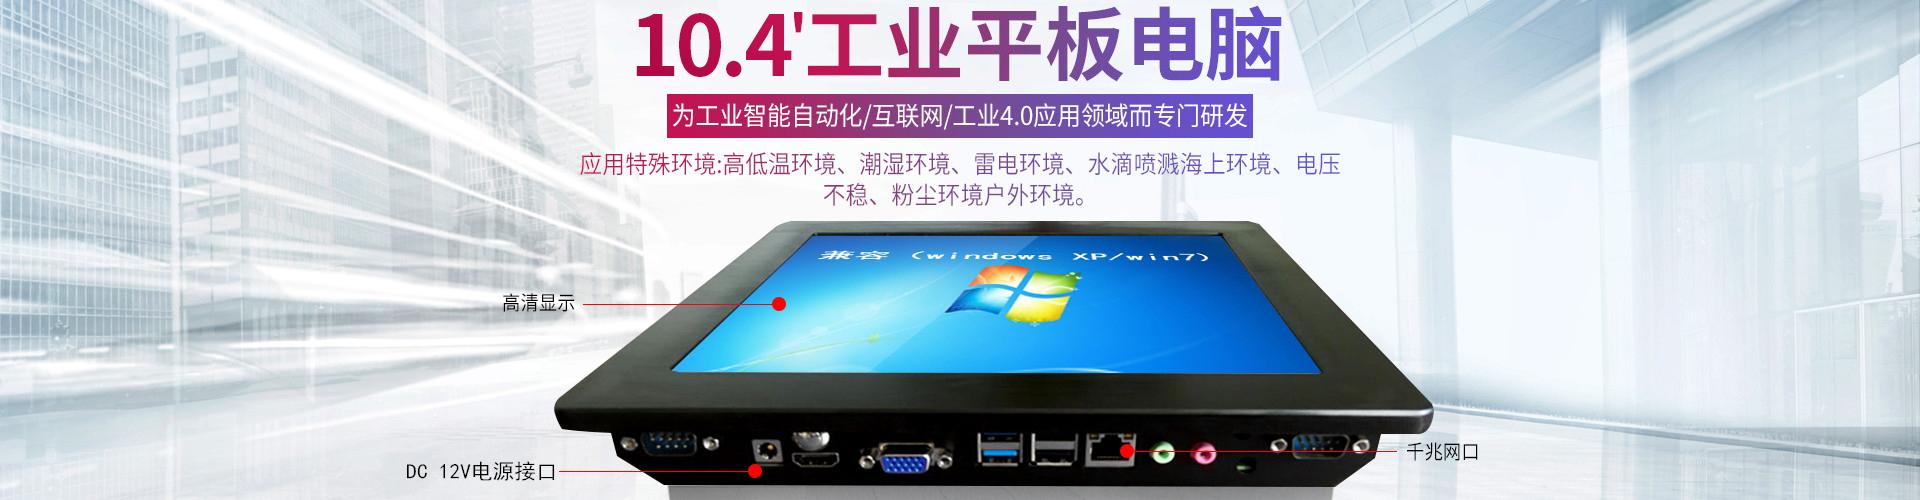 工業工控一體機電腦10.4寸